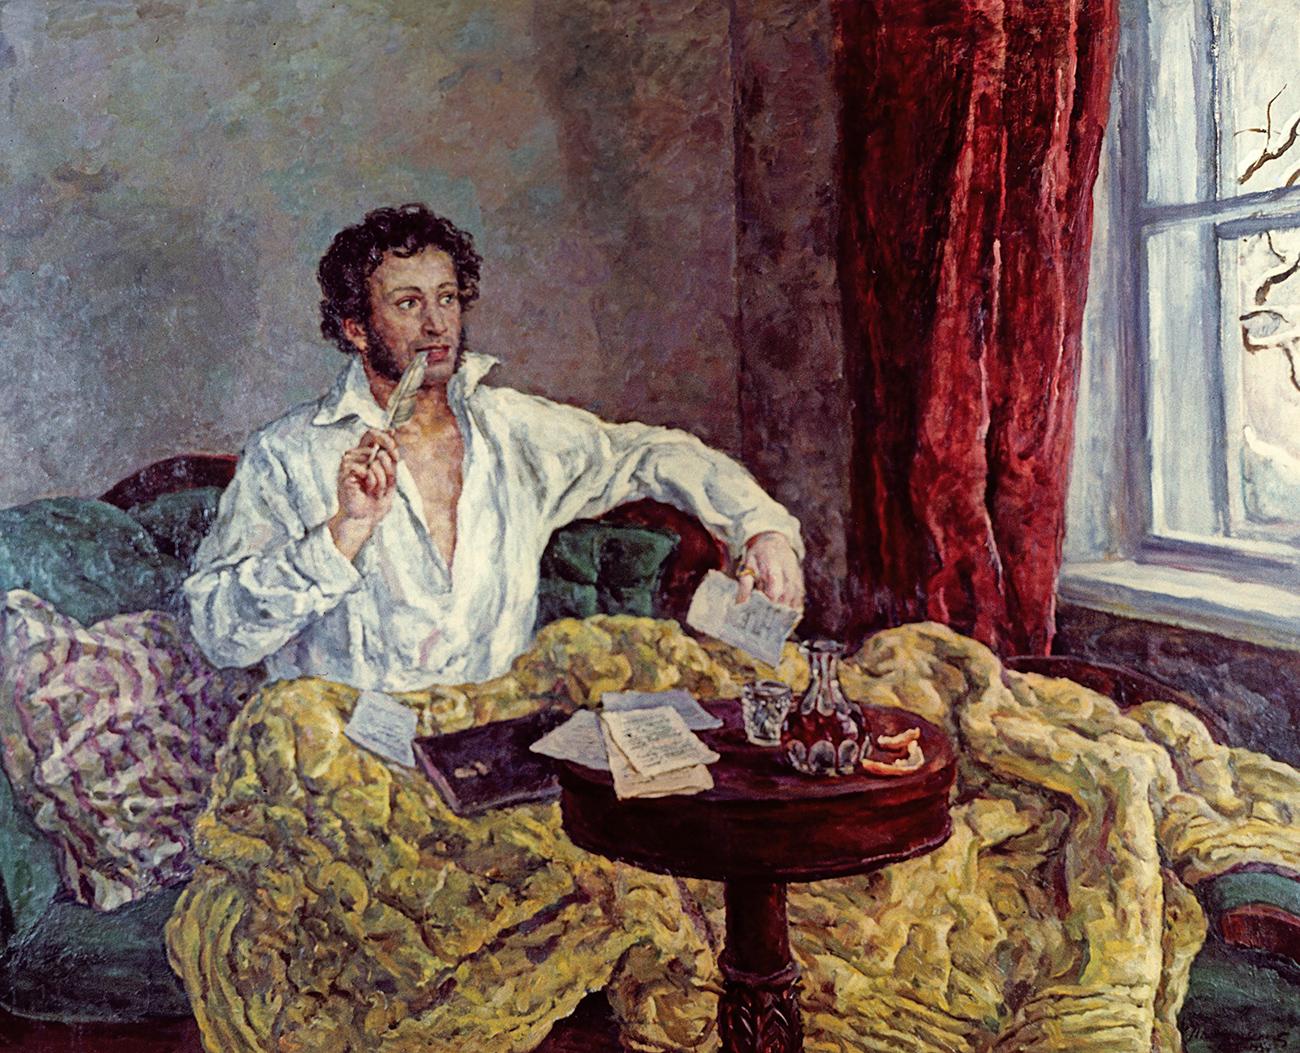 Retrato de Alexander Pushkin realizado por Piotr Konchalovski (1932).